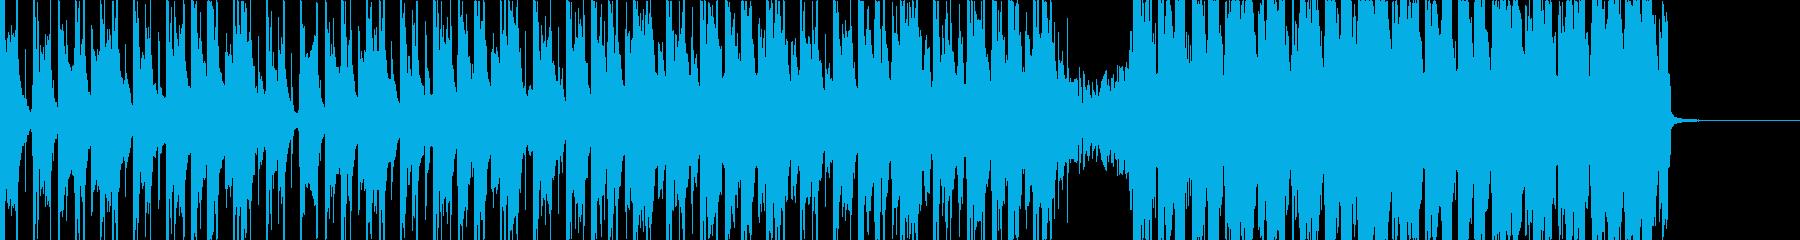 【ギター生演奏】優しく温かいEDM風の再生済みの波形